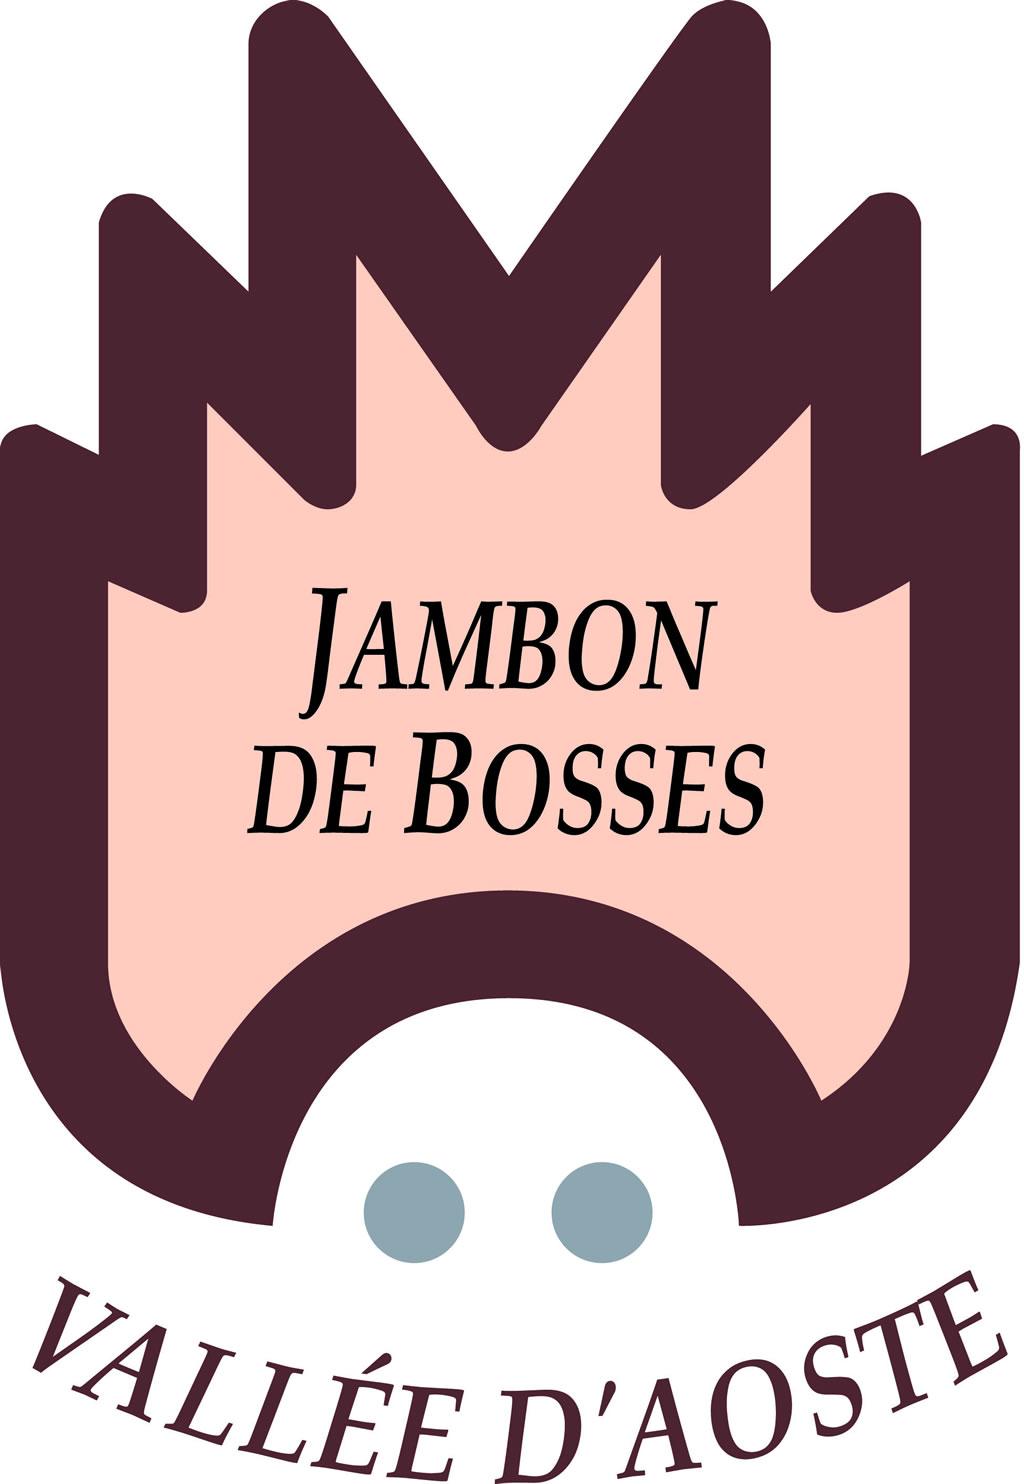 Vallée d'Aoste Jambon de Bosses DOP